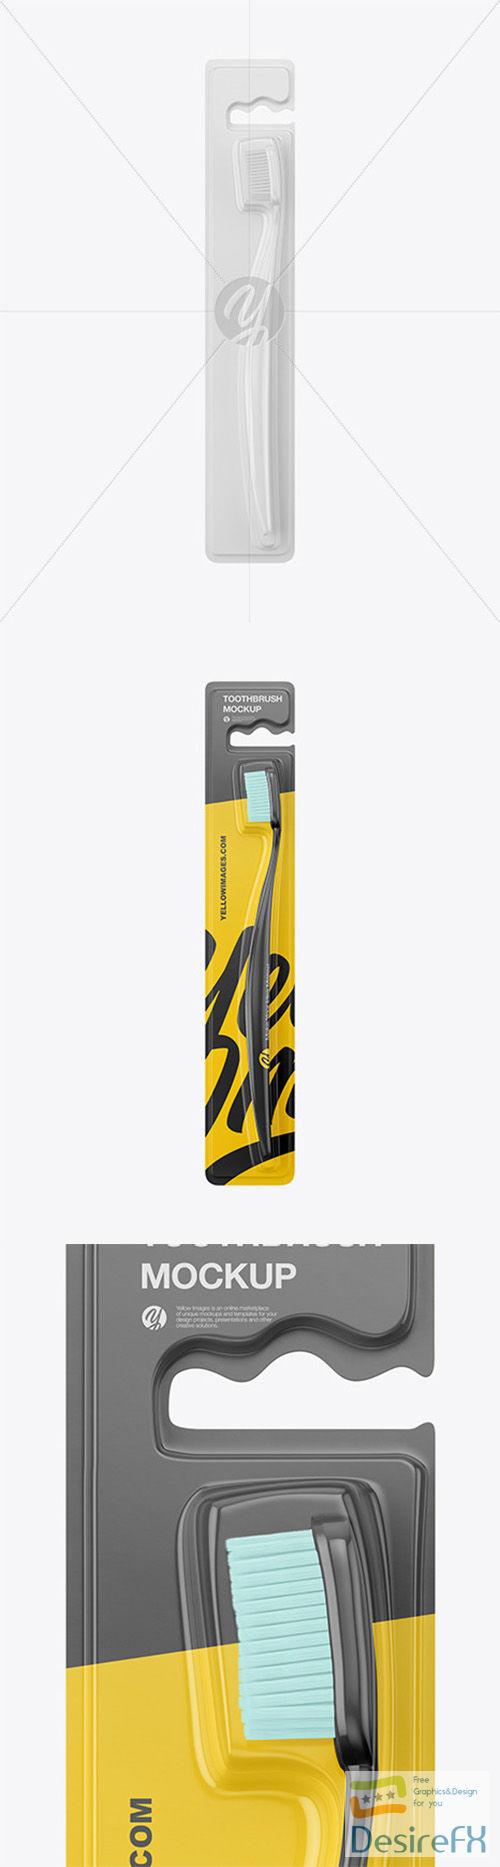 Toothbrush Blister Pack Mockup 66419